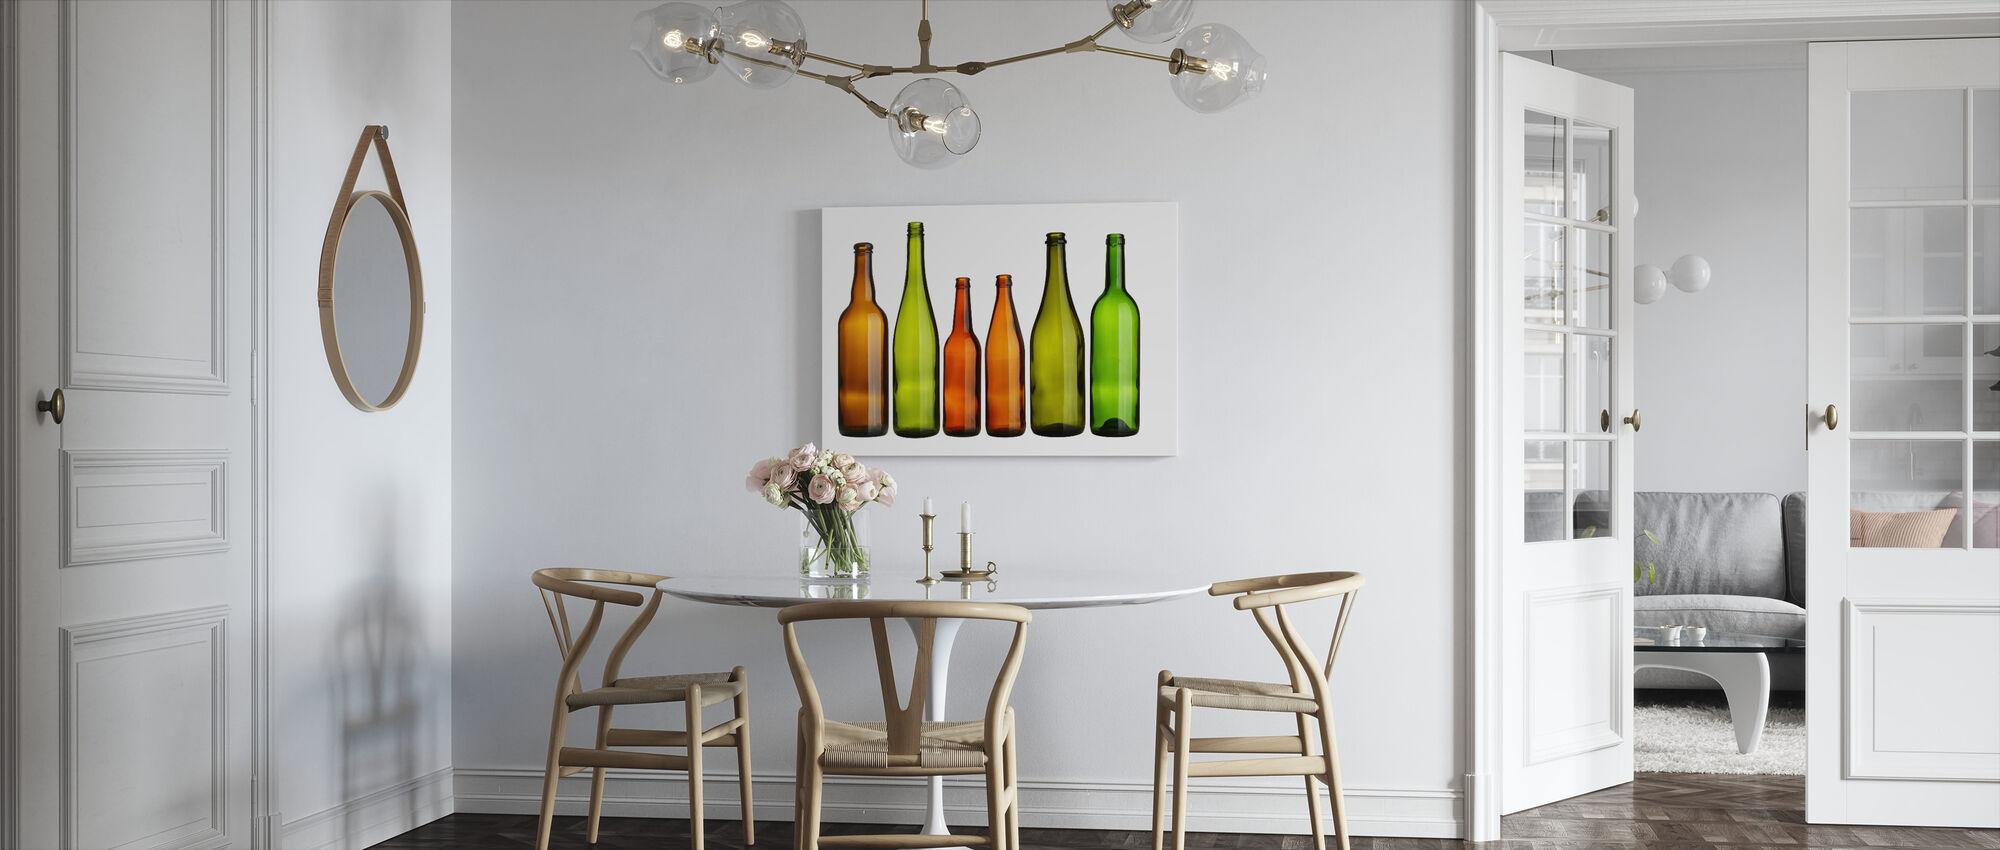 Värikäs pullot - Canvastaulu - Keittiö